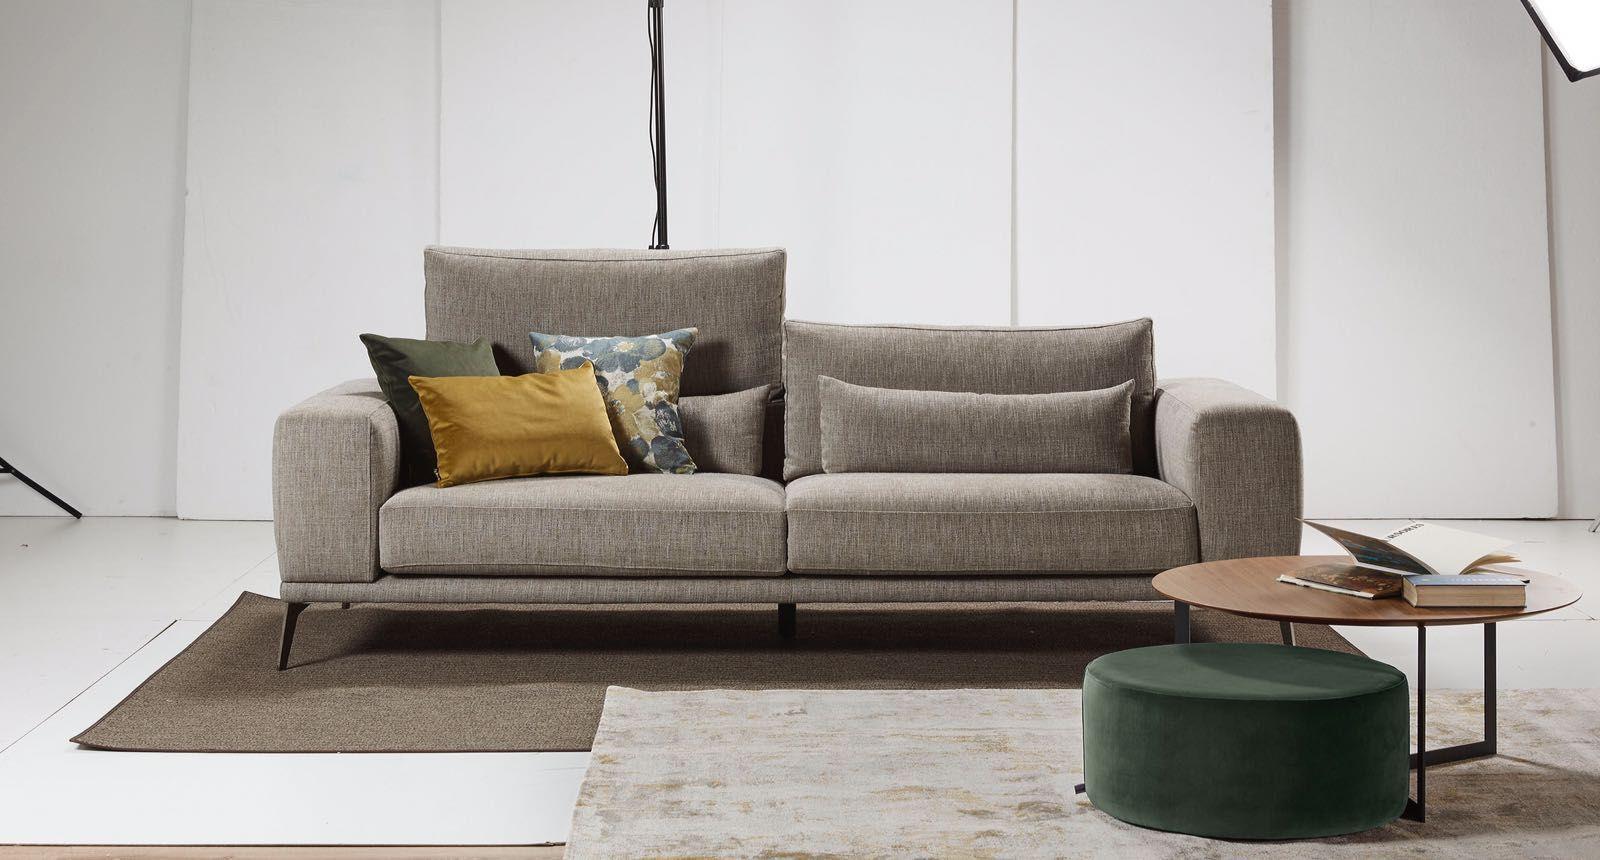 R Stica Ambientes Apuesta Por Los Muebles Propios Y Exclusivos  # Muebles Humanos